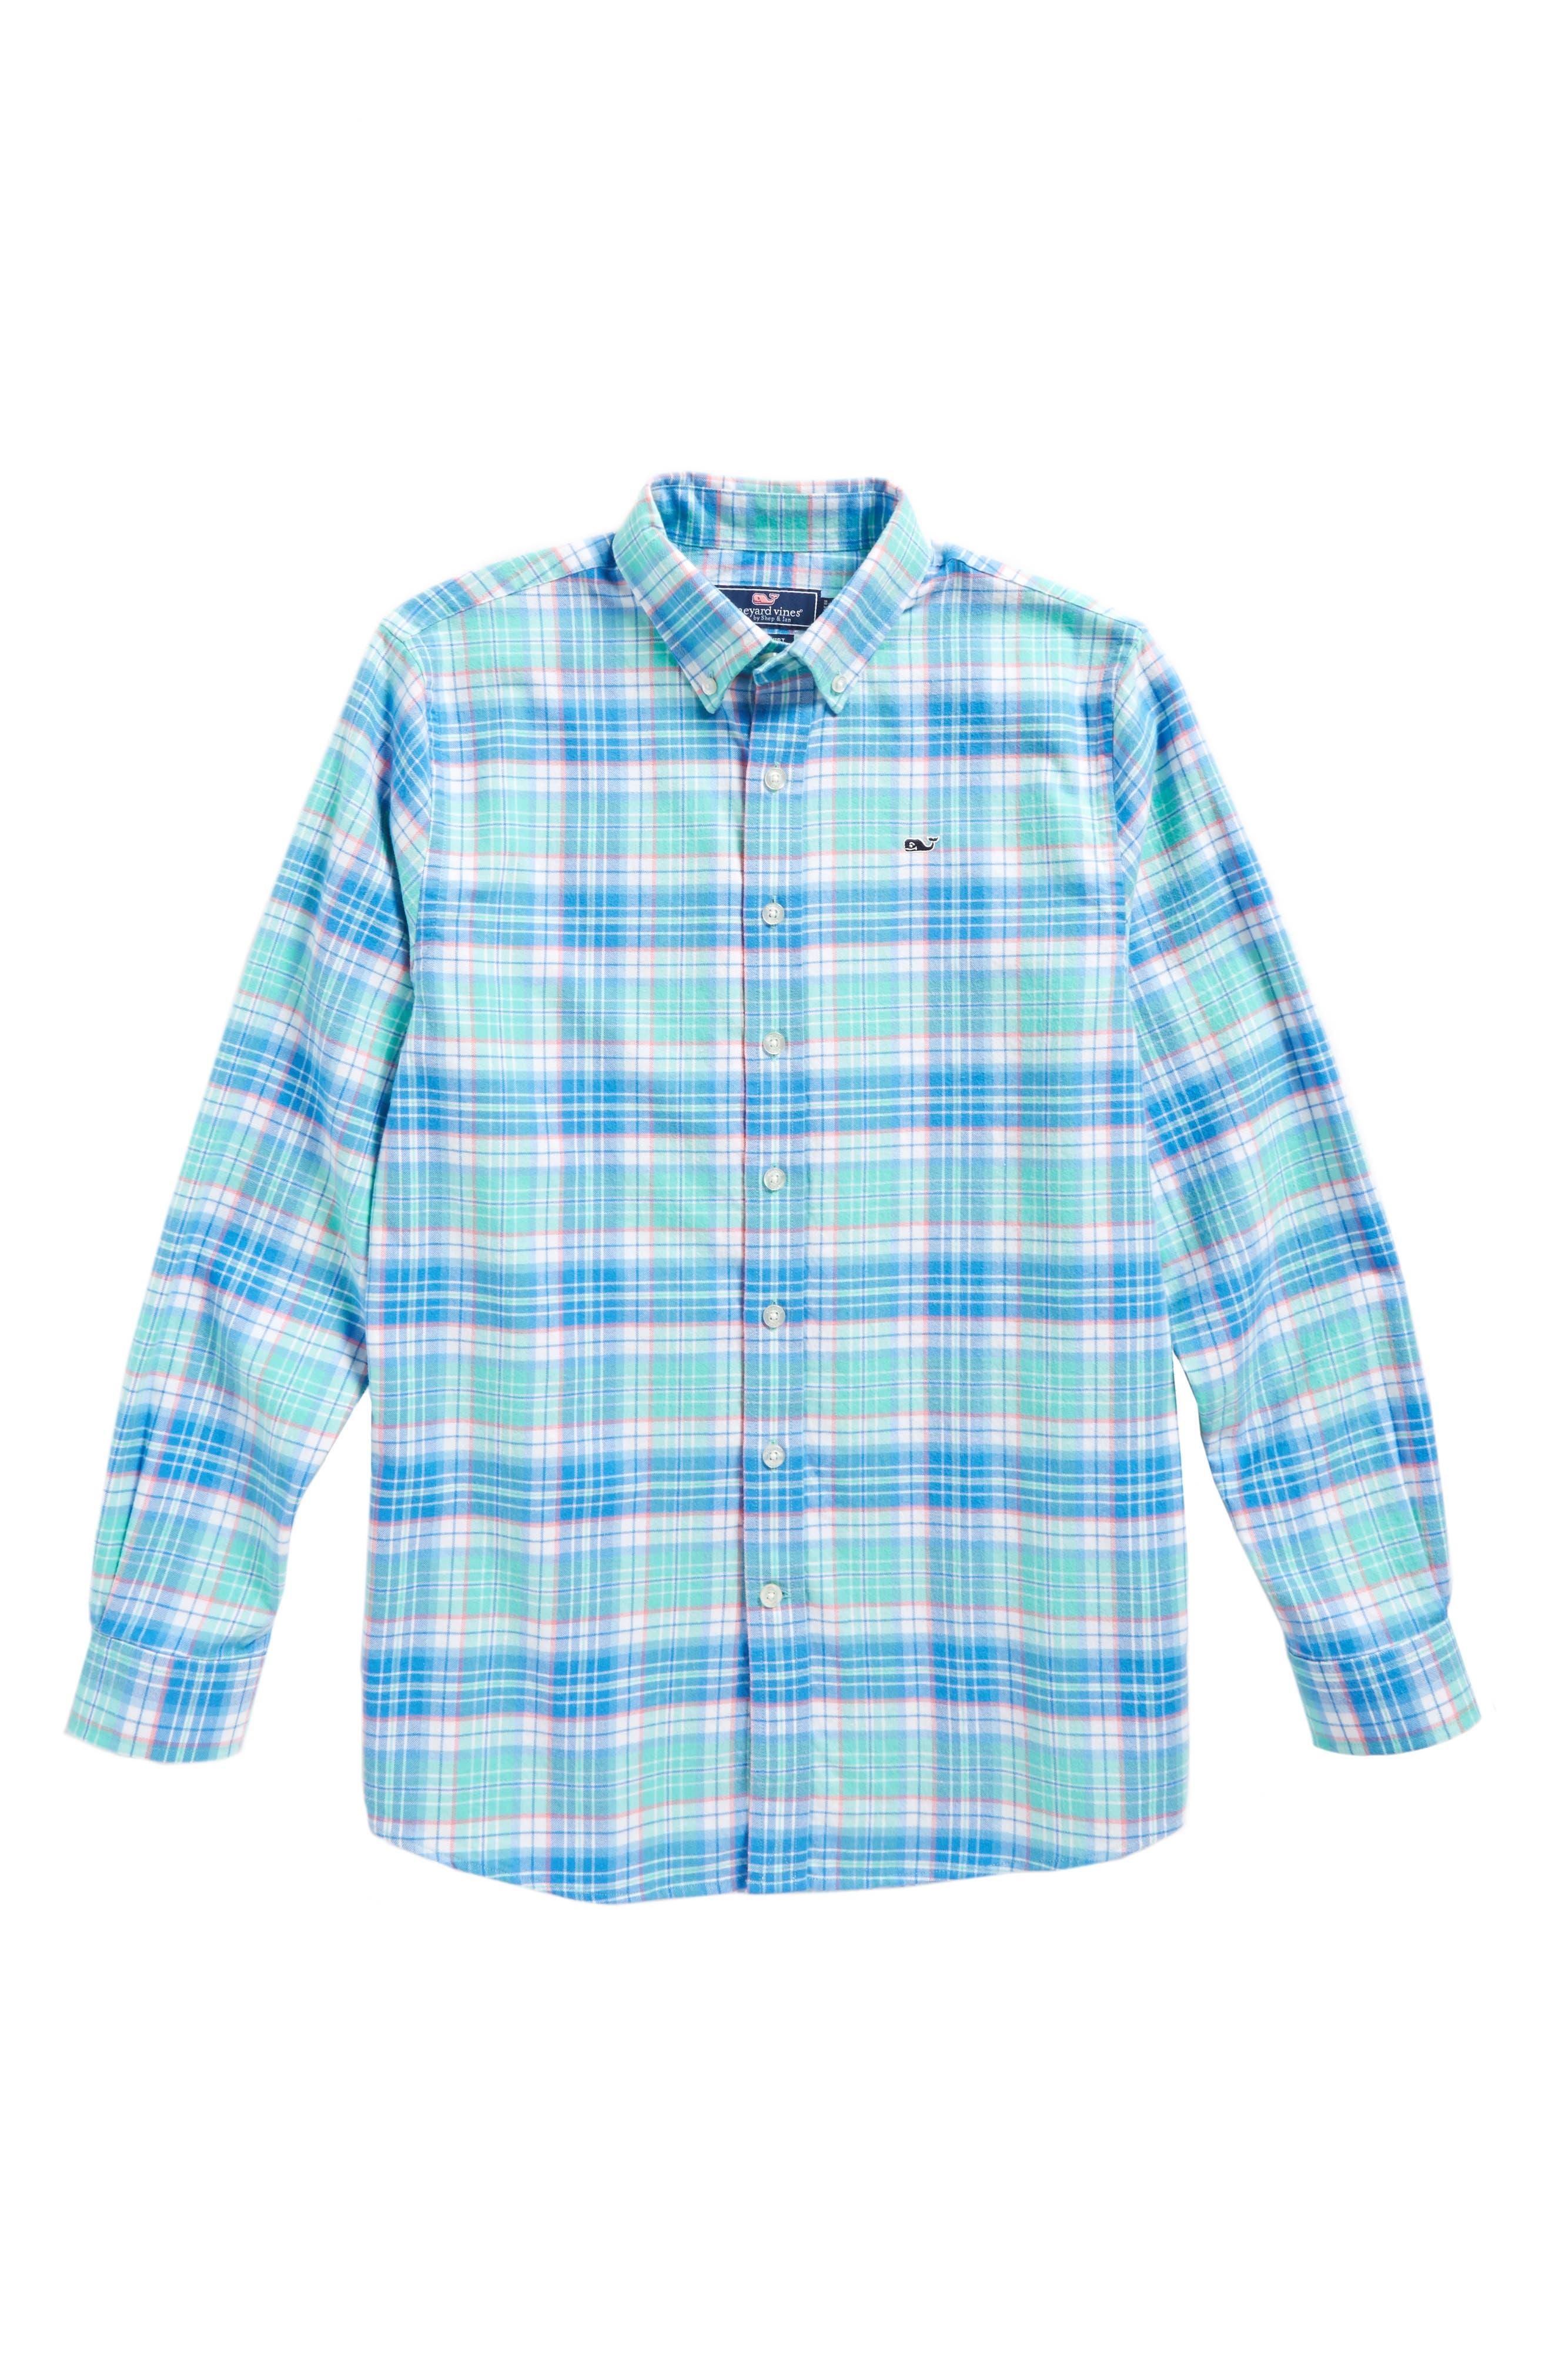 Sandspar Plaid Whale Flannel Shirt,                             Main thumbnail 1, color,                             400